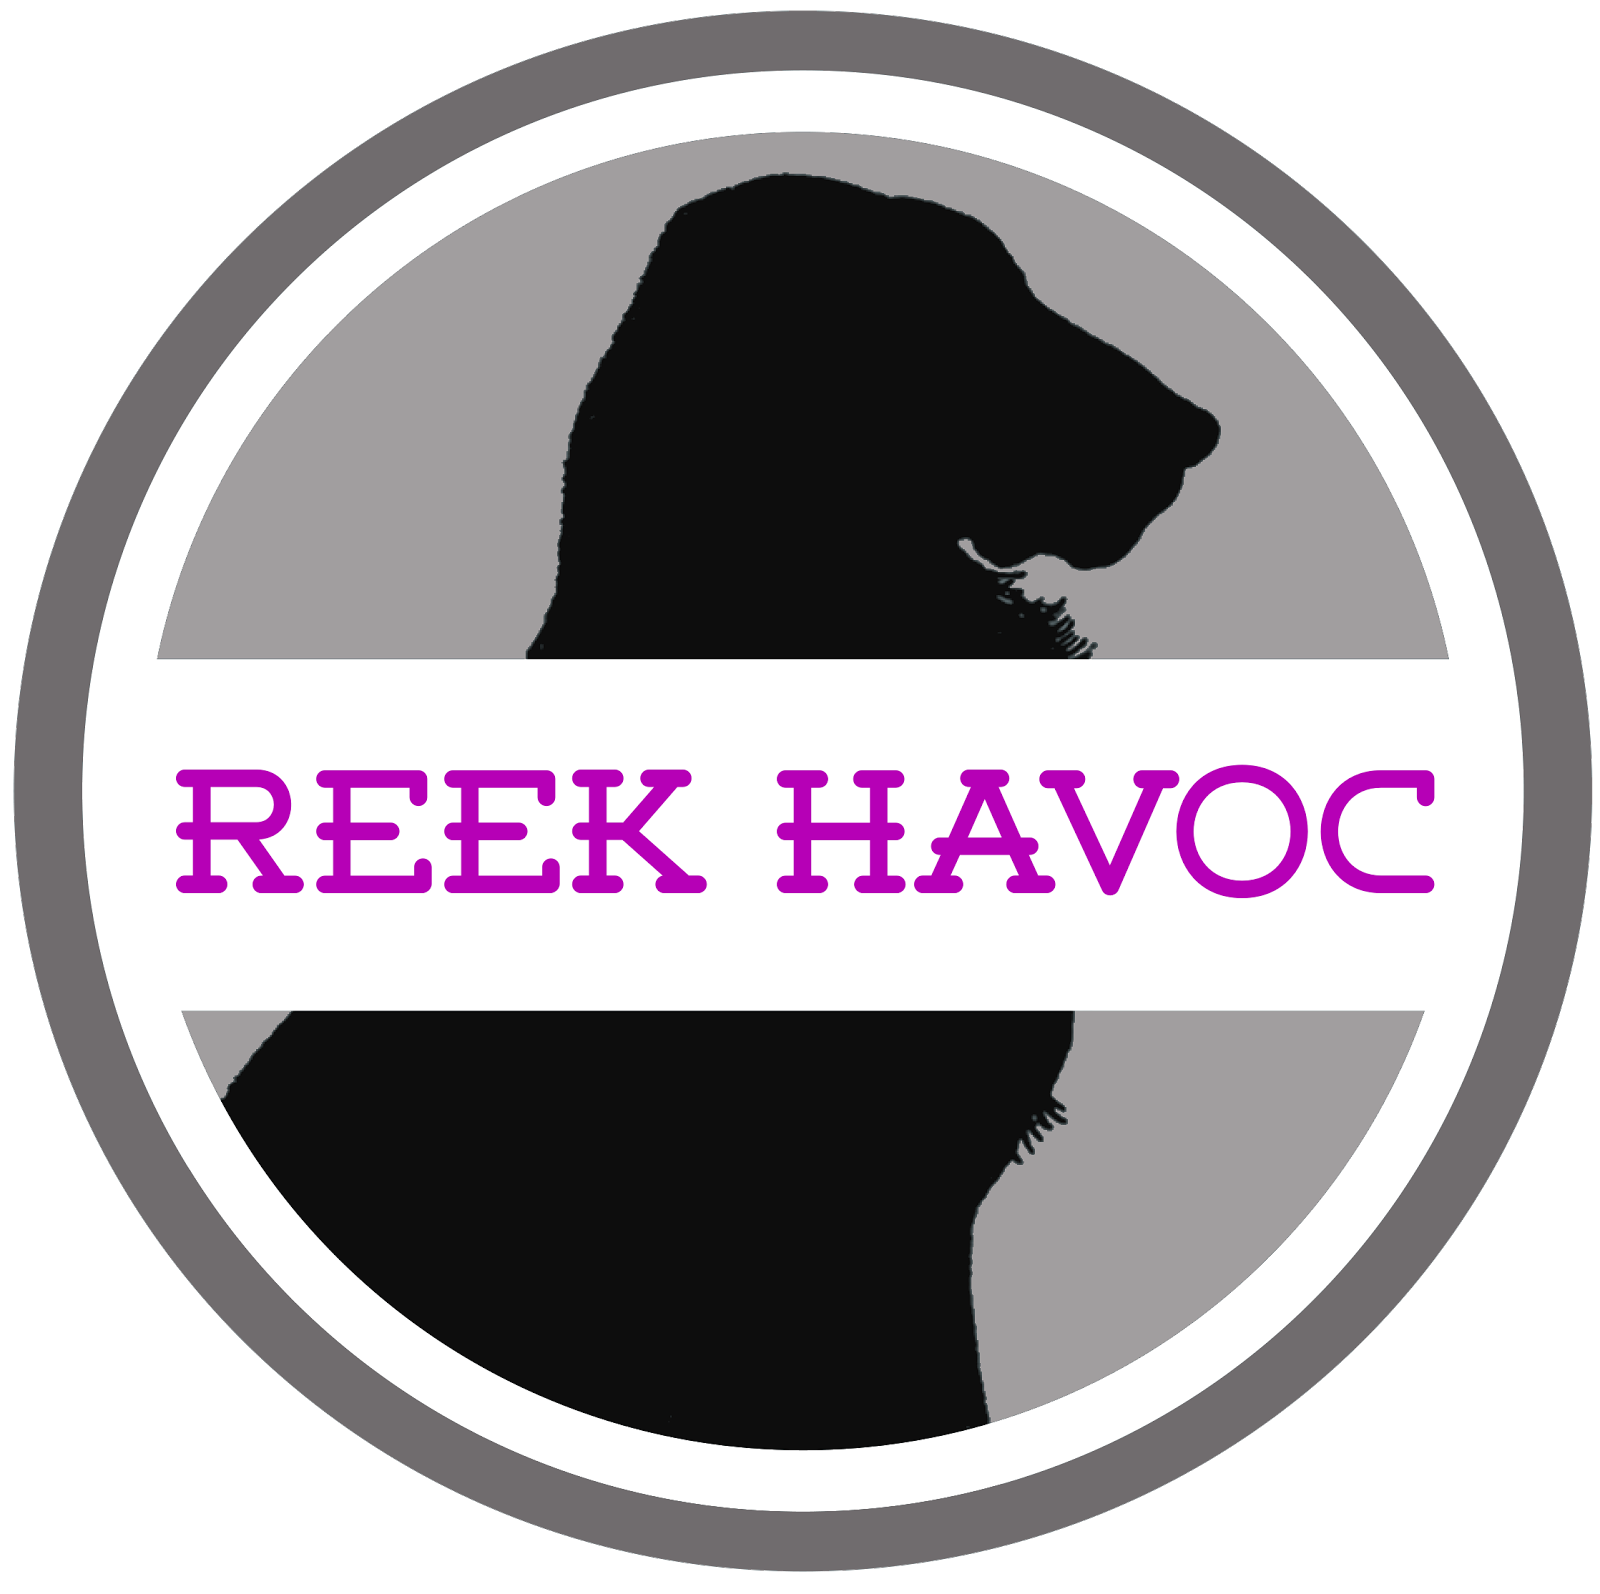 Reek Havoc